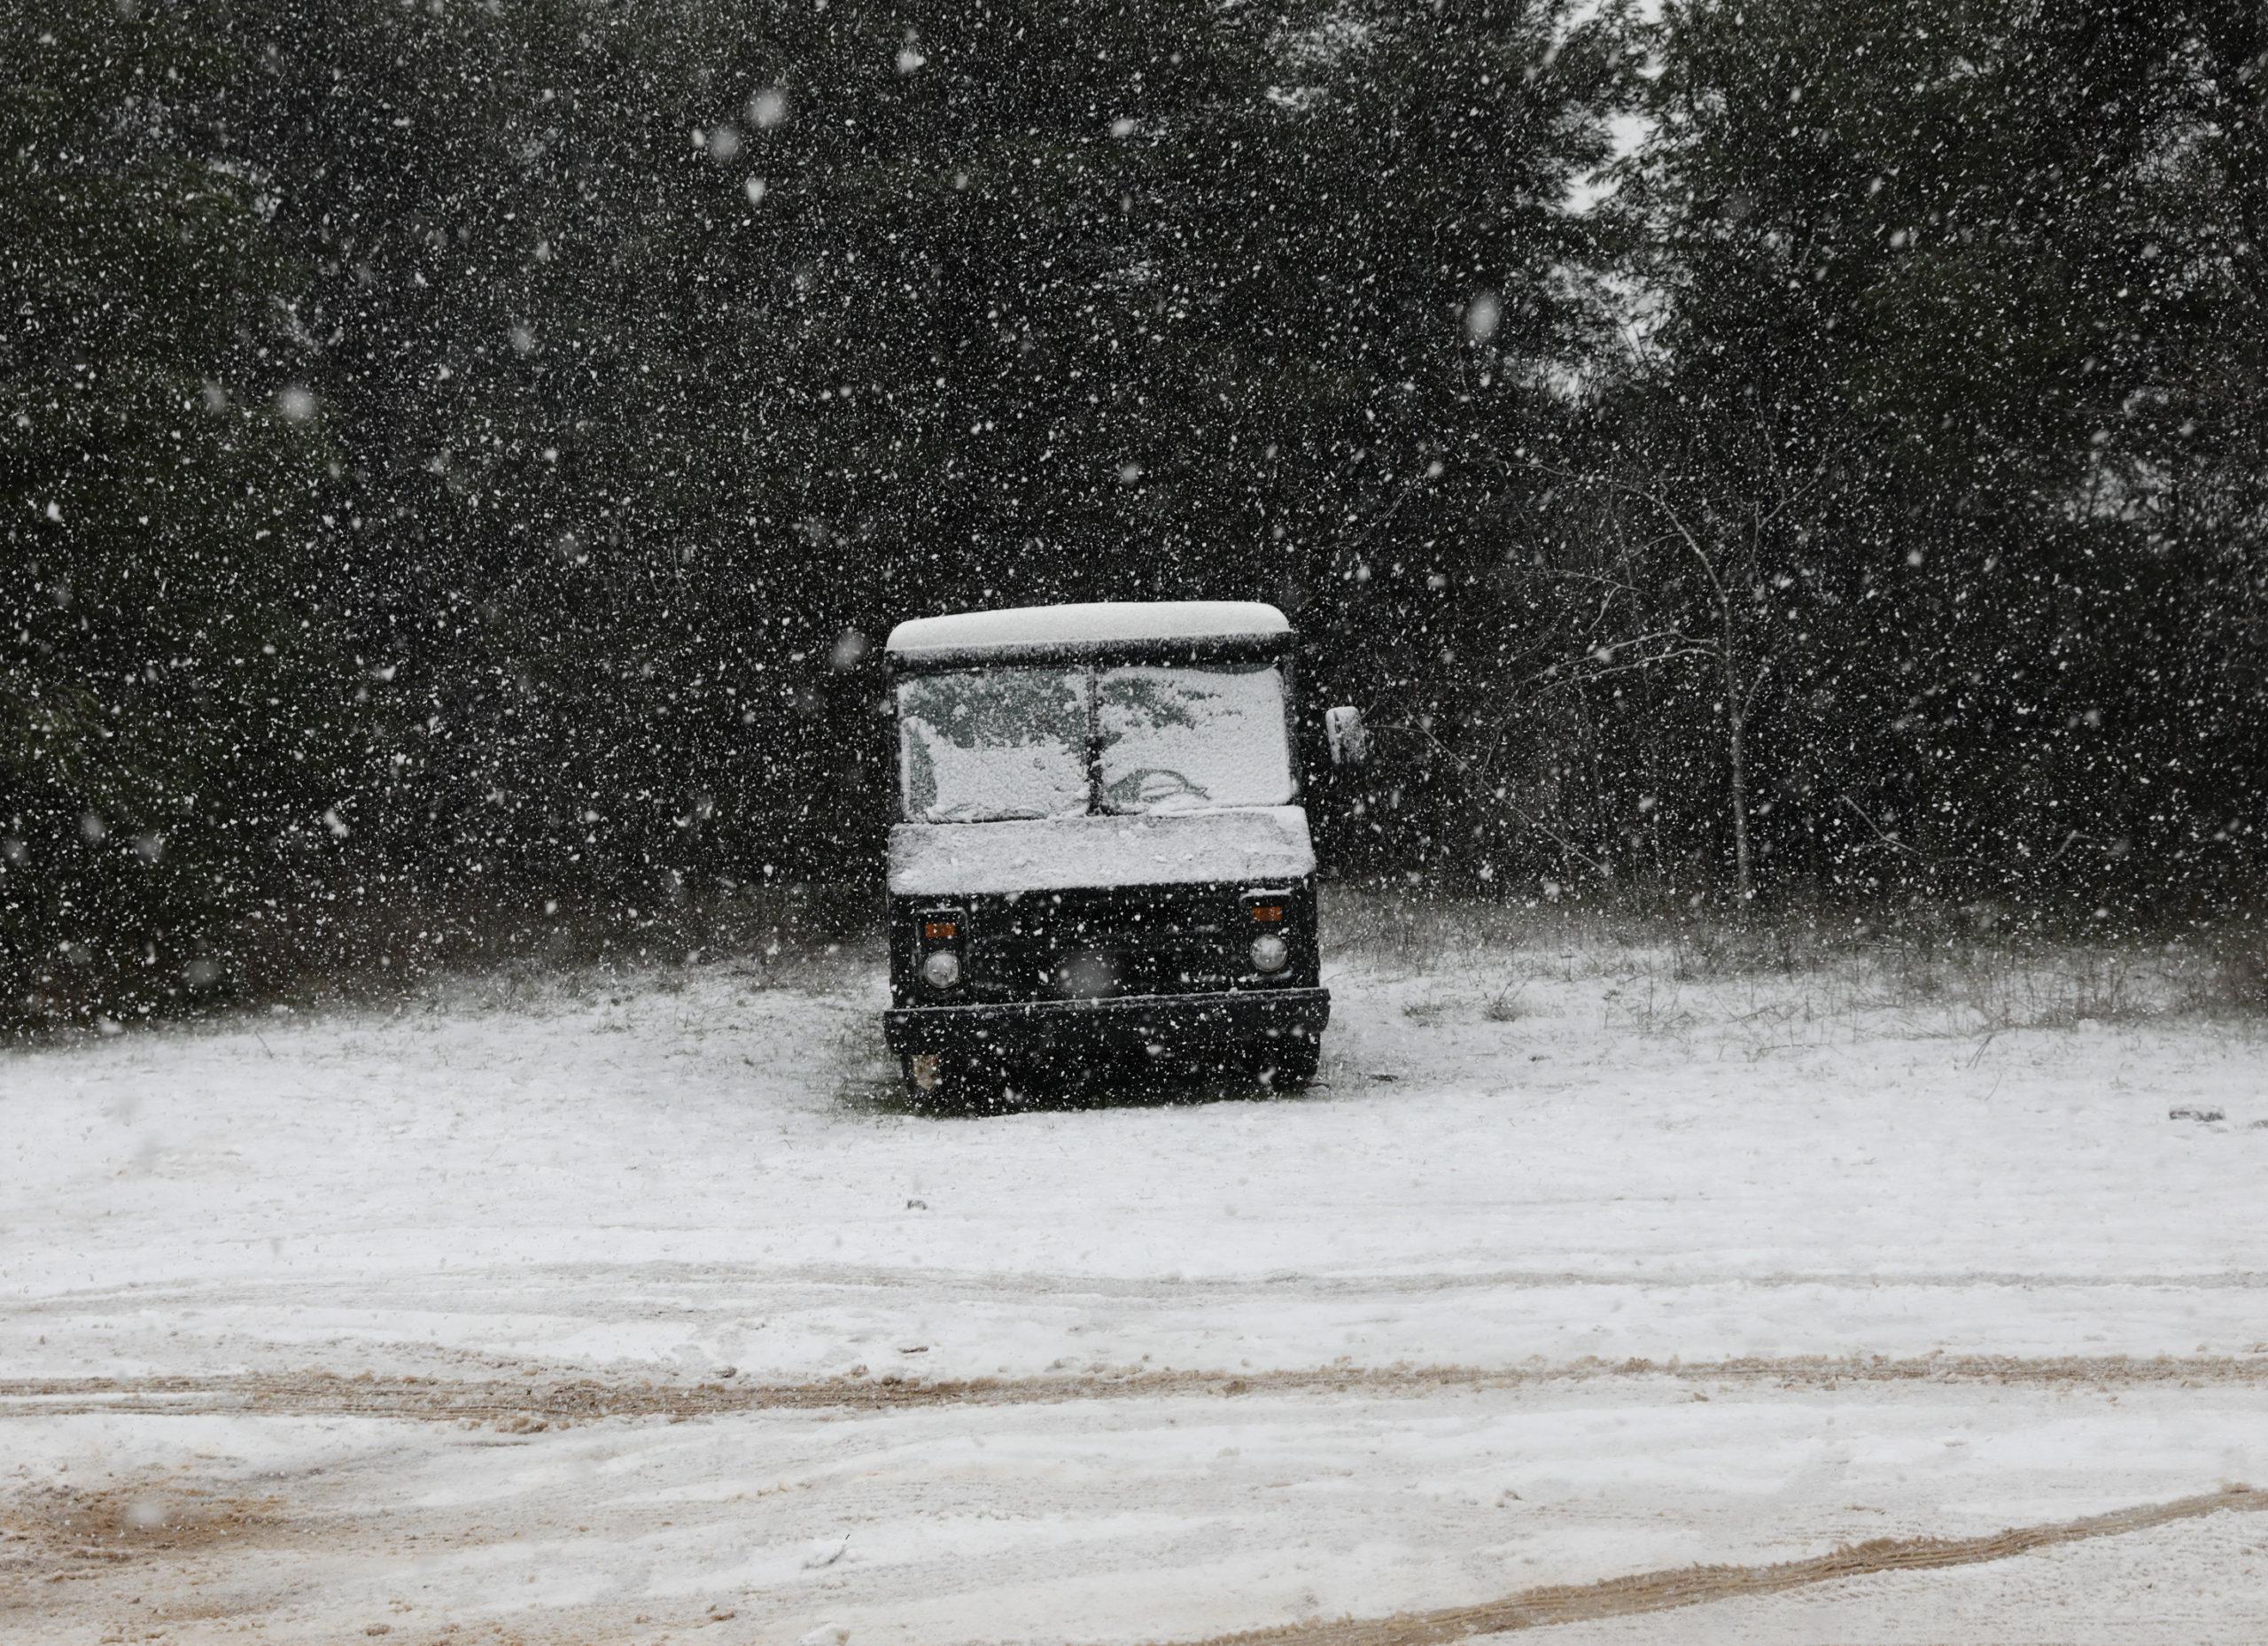 Καιρός: Οι περιοχές που έγιναν... παγάκια από το κρύο - Θερμοκρασίες μέχρι και -12 βαθμούς! Που θα χιονίσει τις επόμενες ώρες